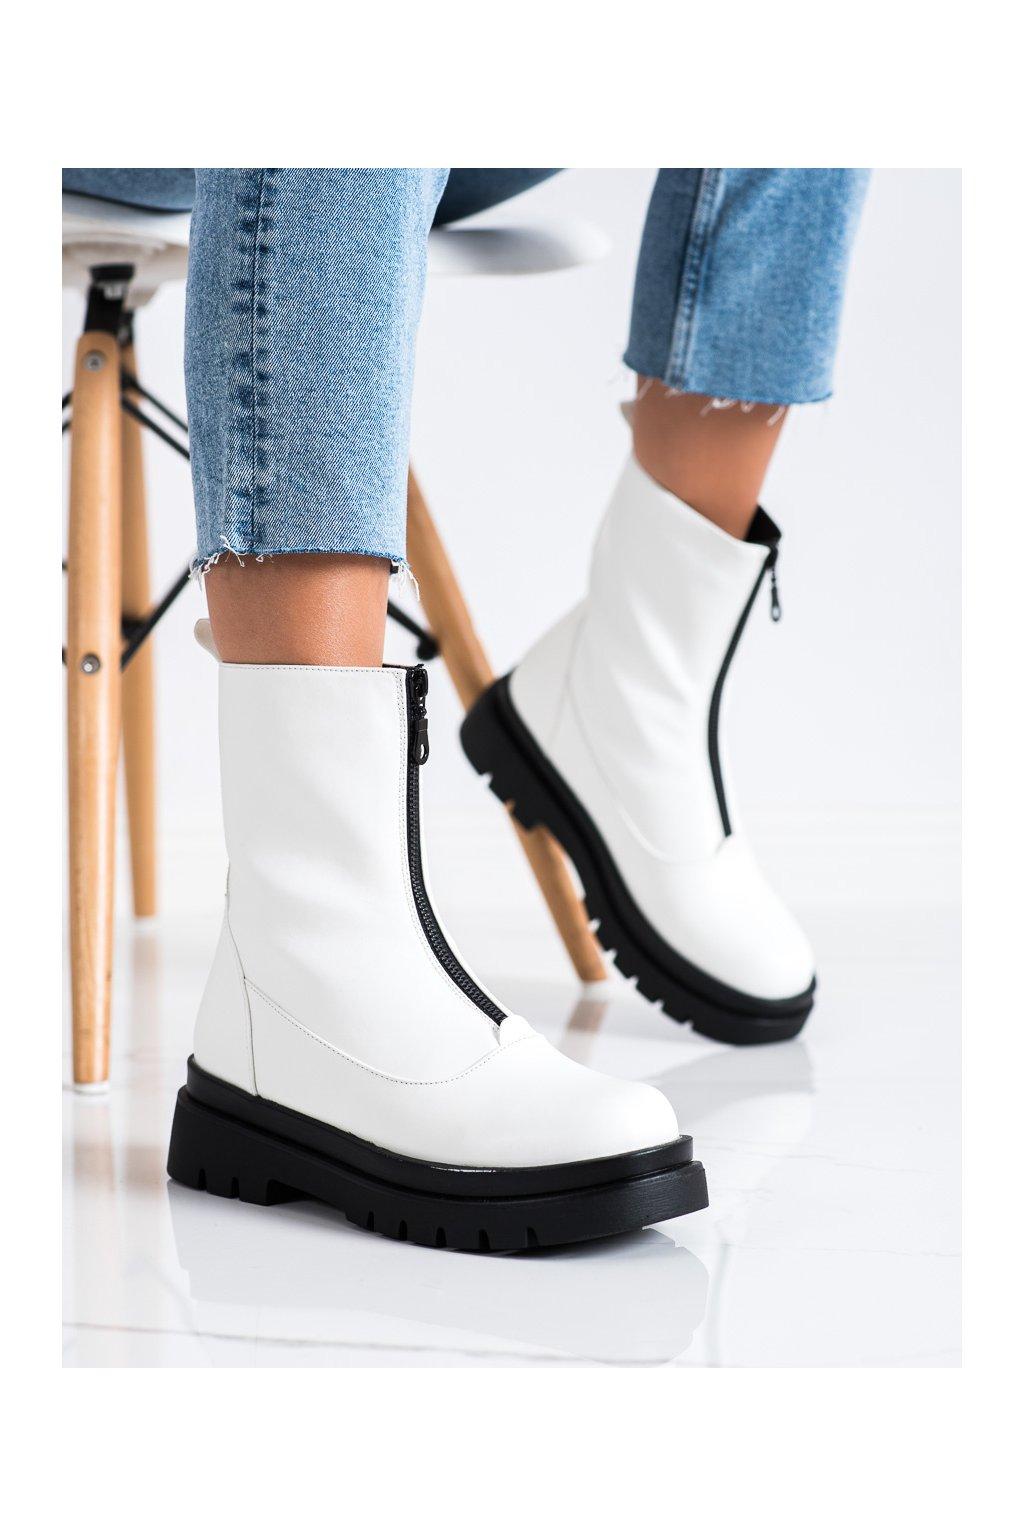 Biele dámske topánky Evento kod 21BT35-4259W